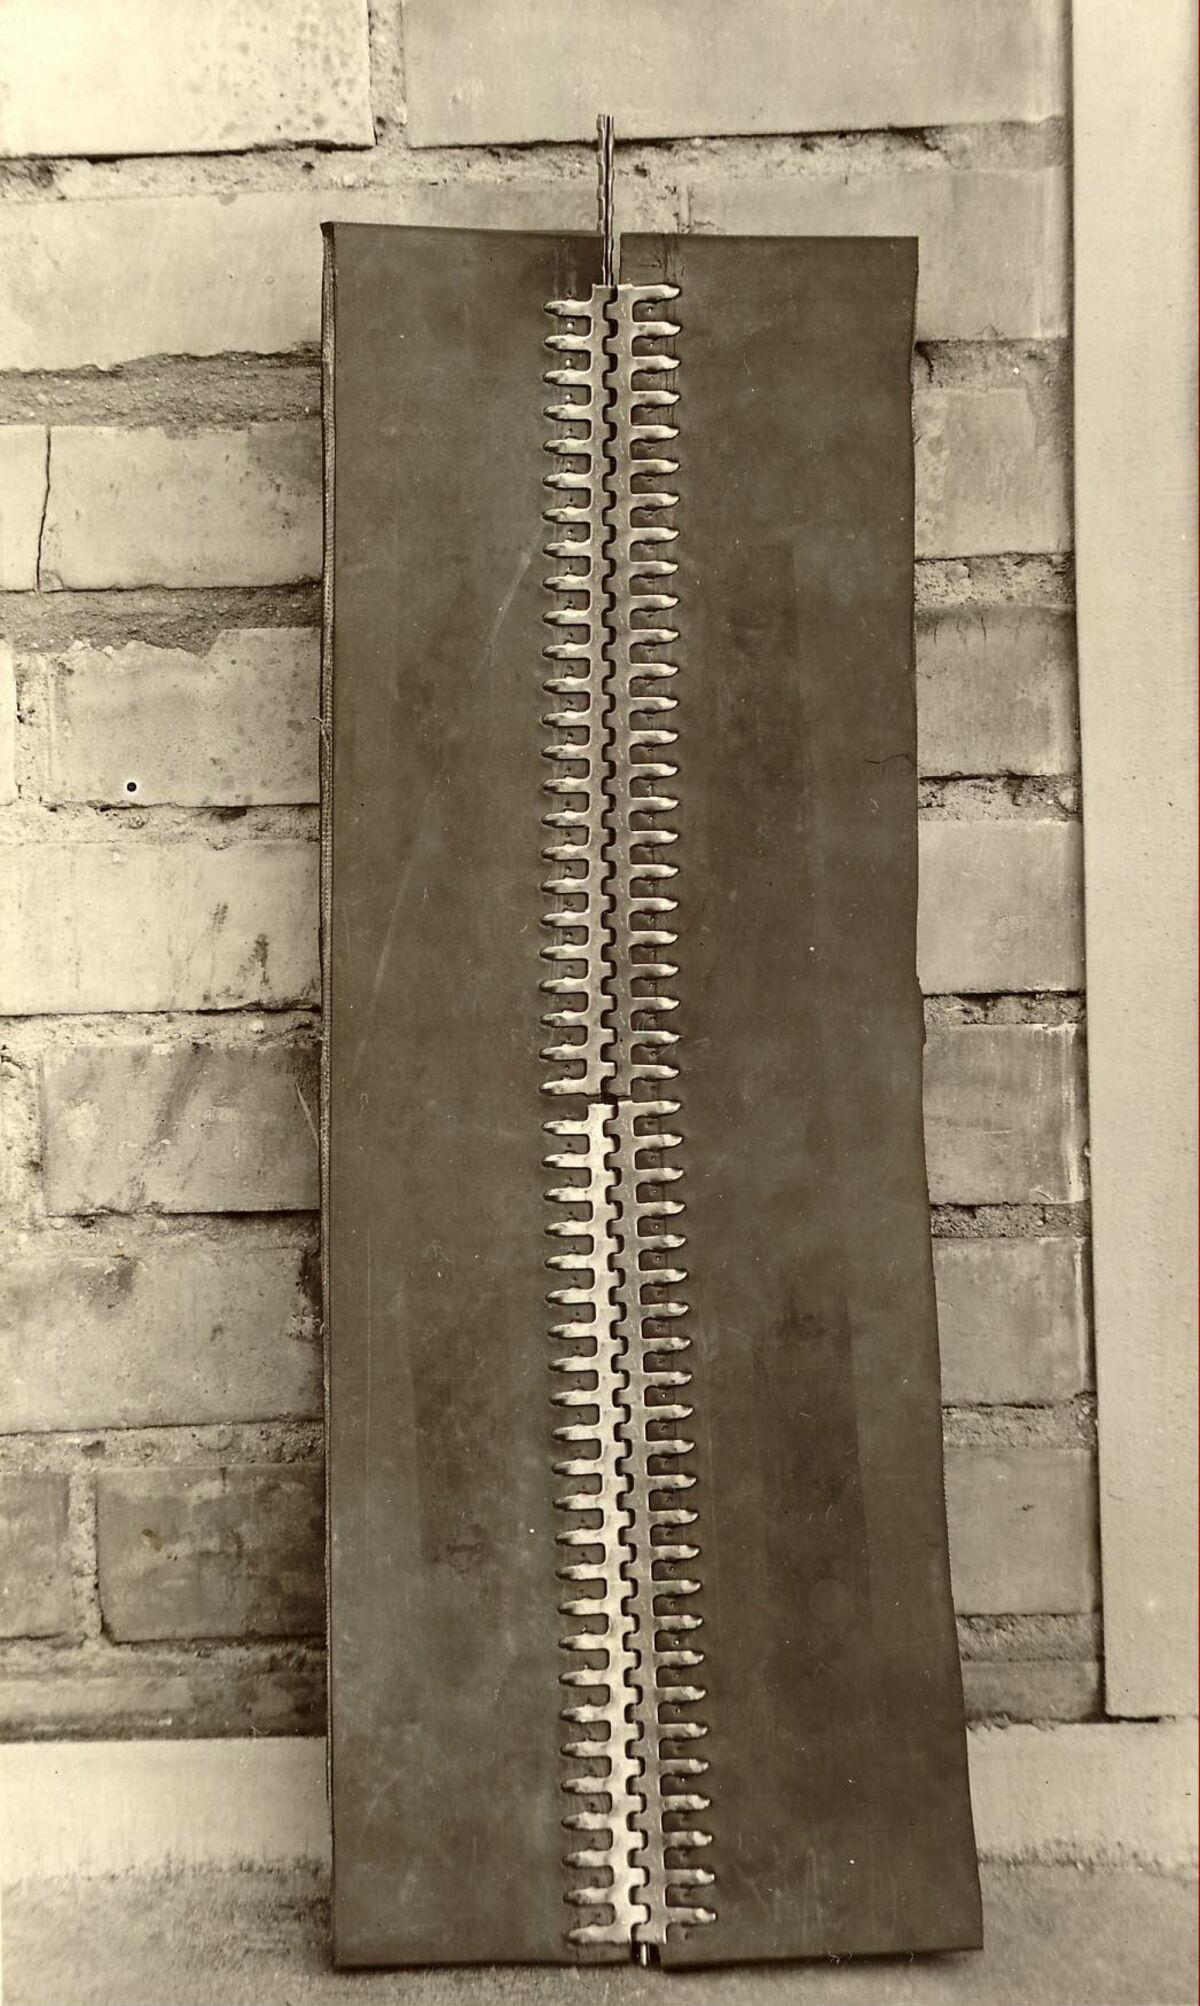 GFA 24/53.1203: Belt fastener